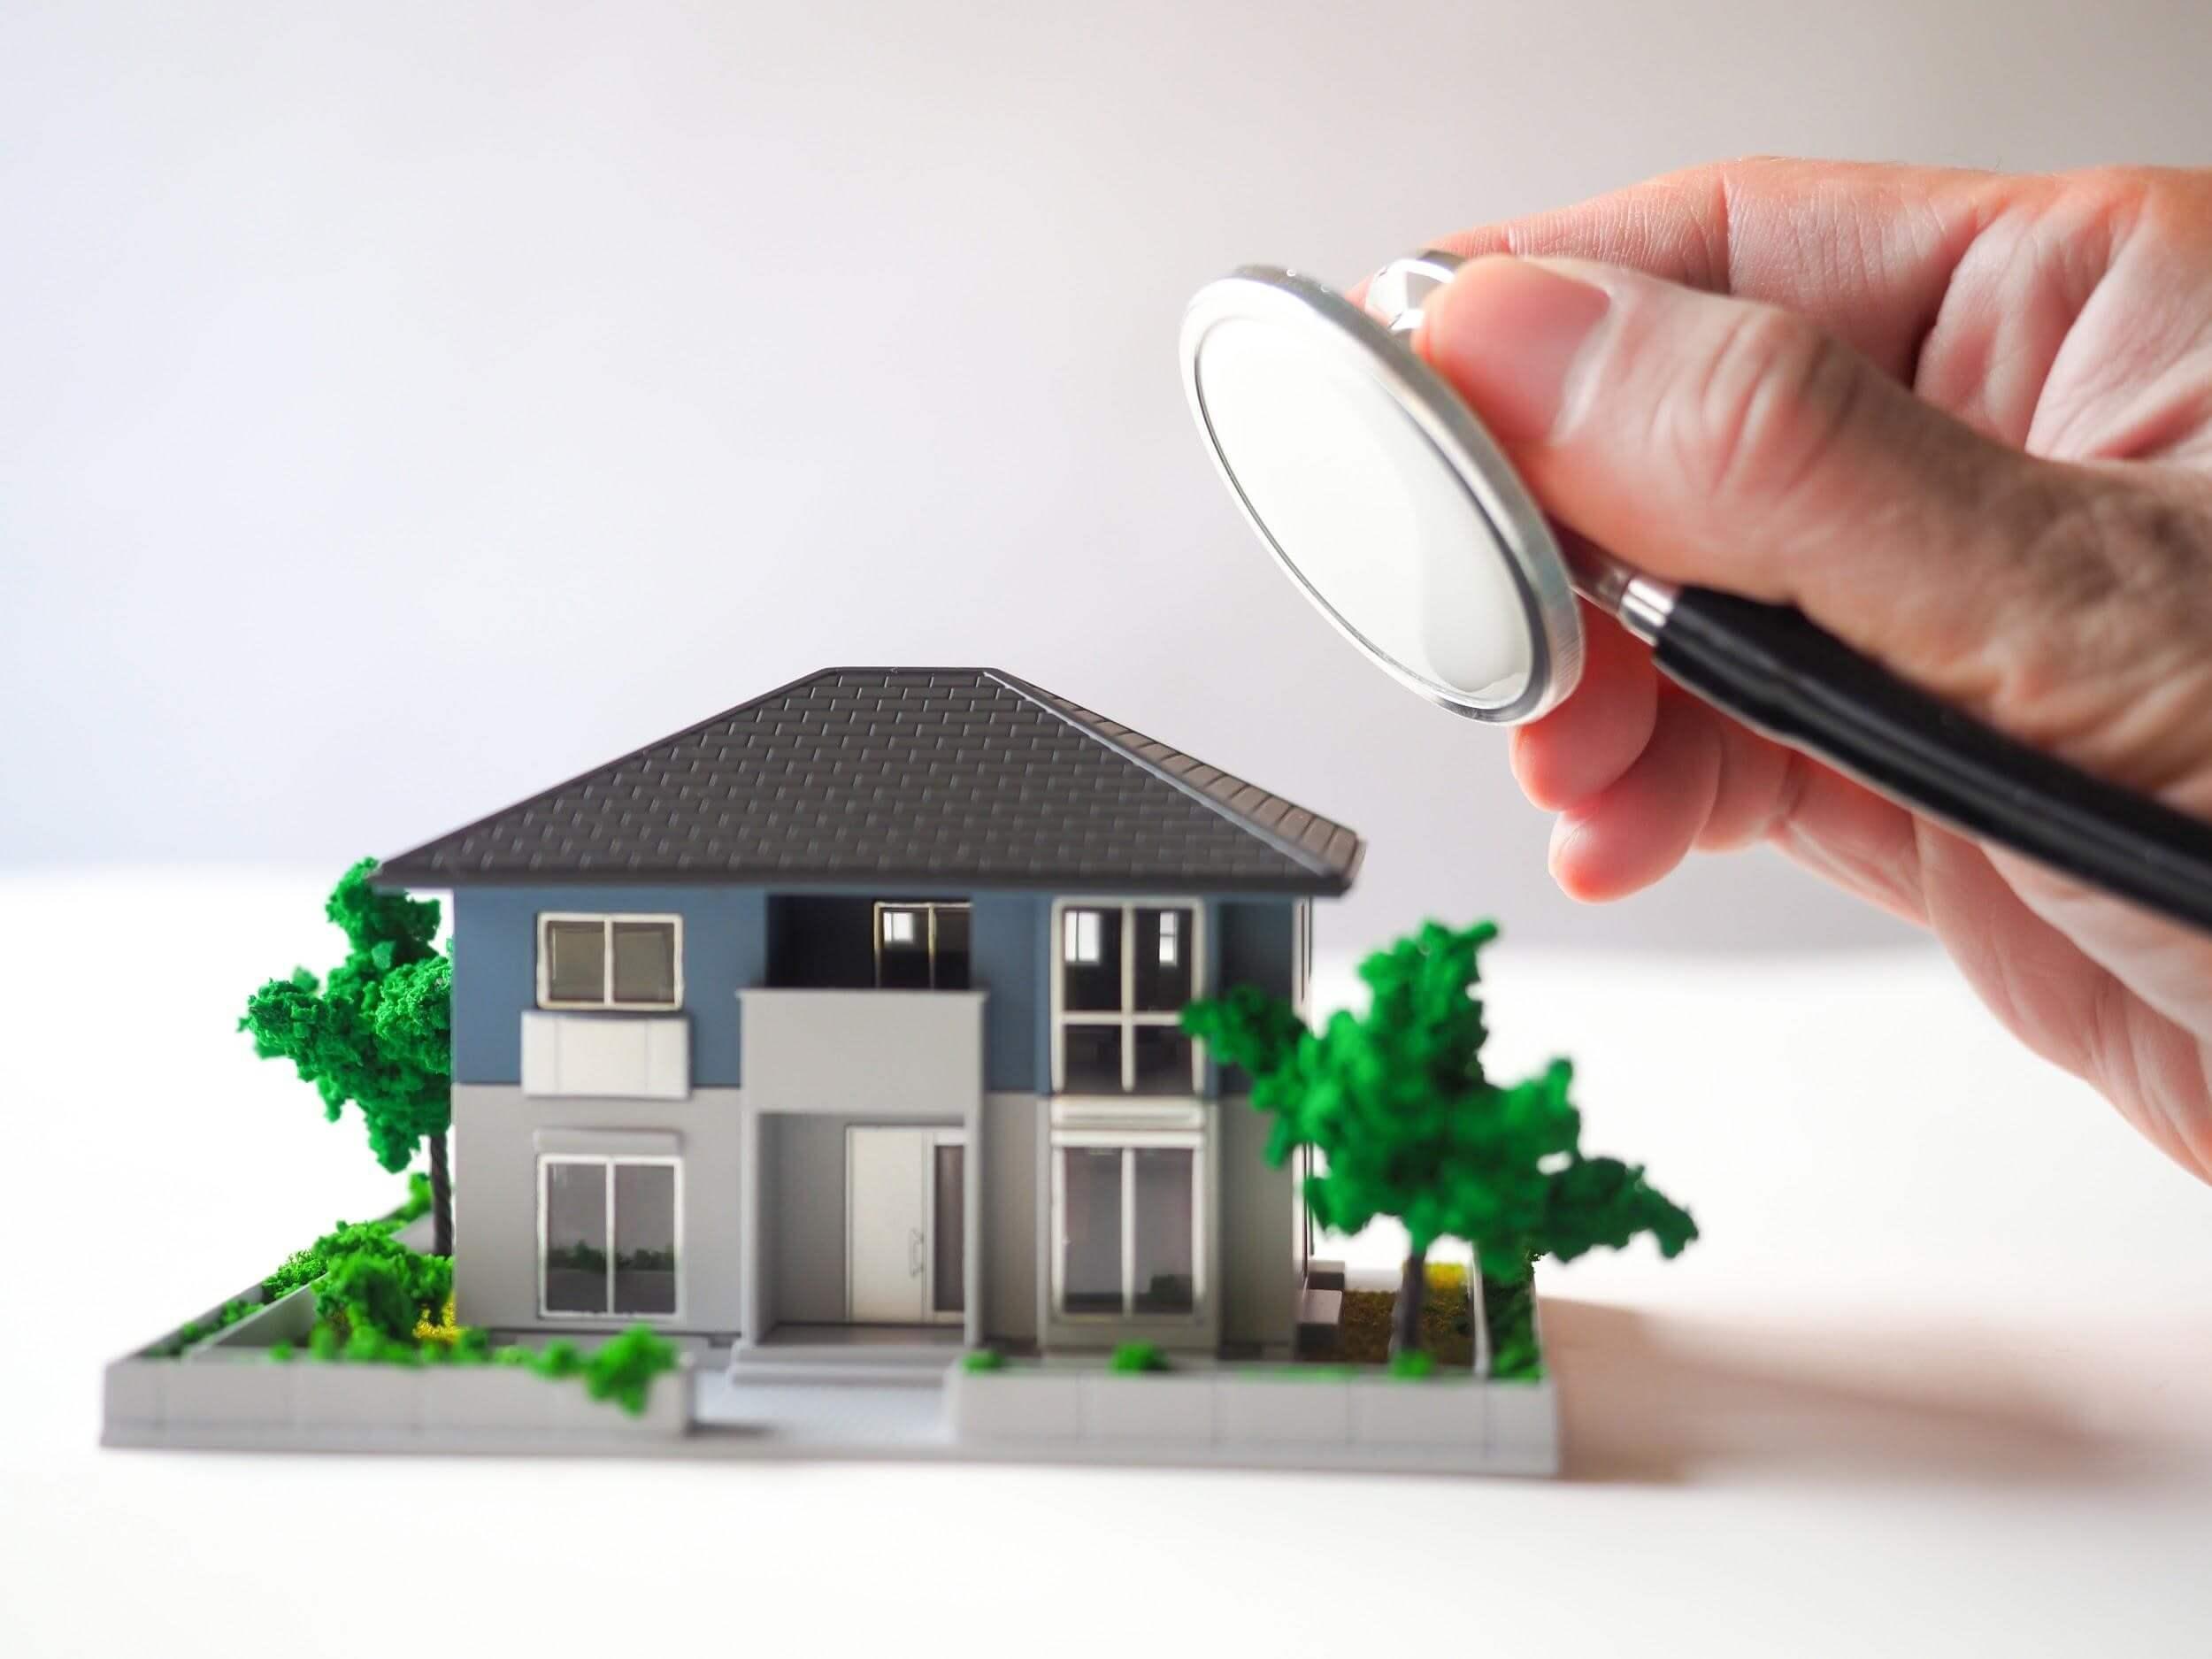 積極的に住宅診断を利用